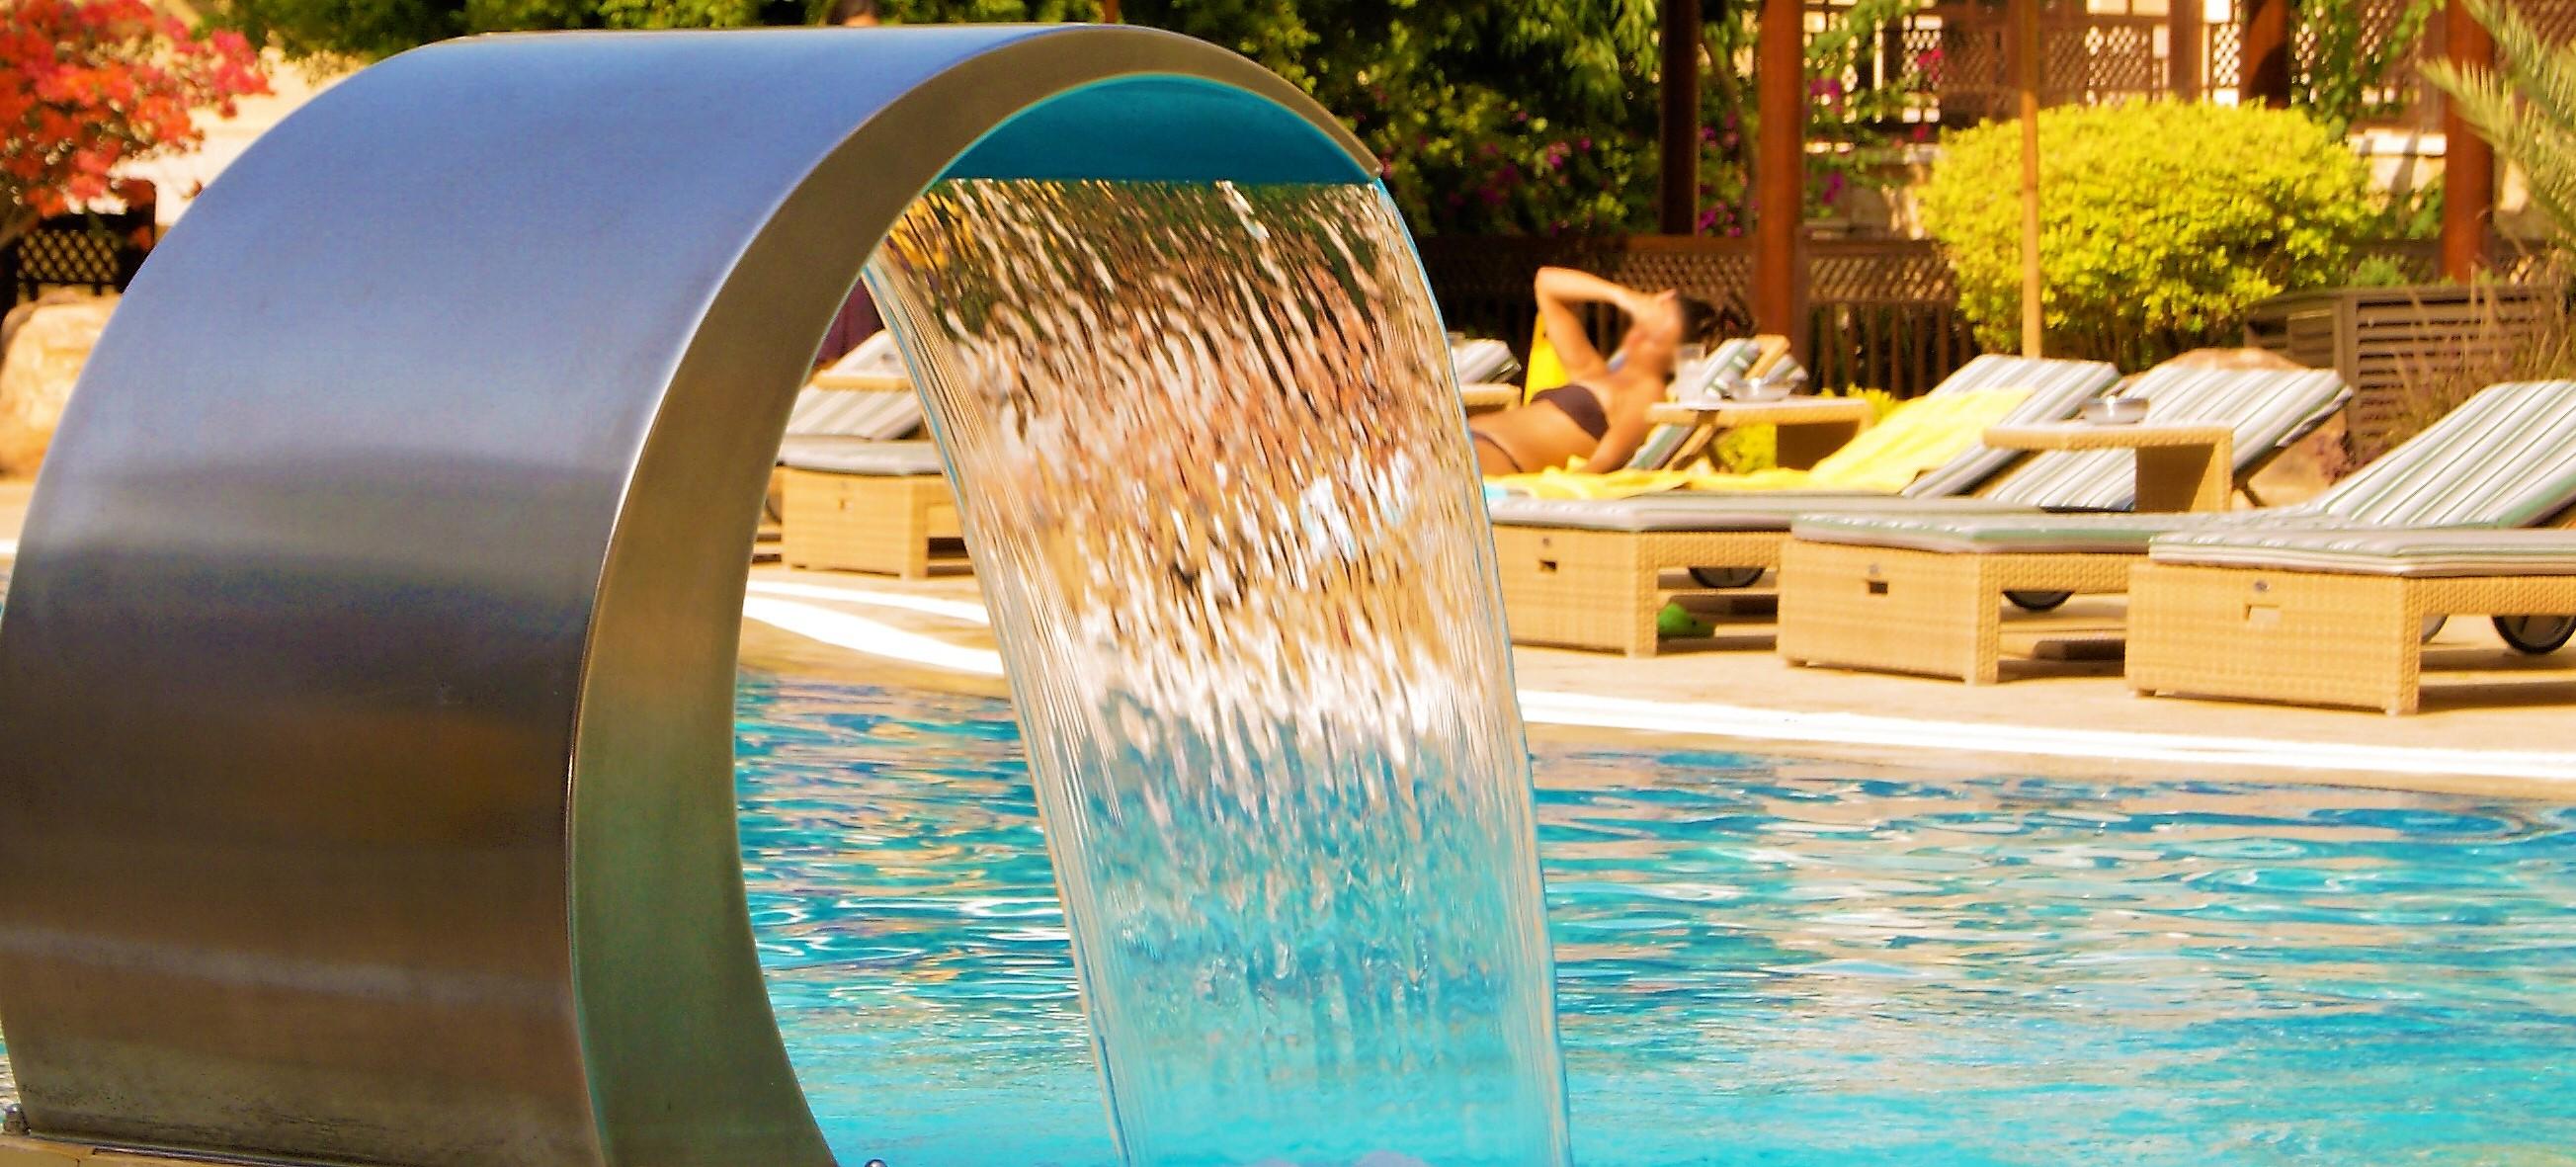 Piscina mejorada del campo precios latest imagen jardn de for Precio mantenimiento piscina